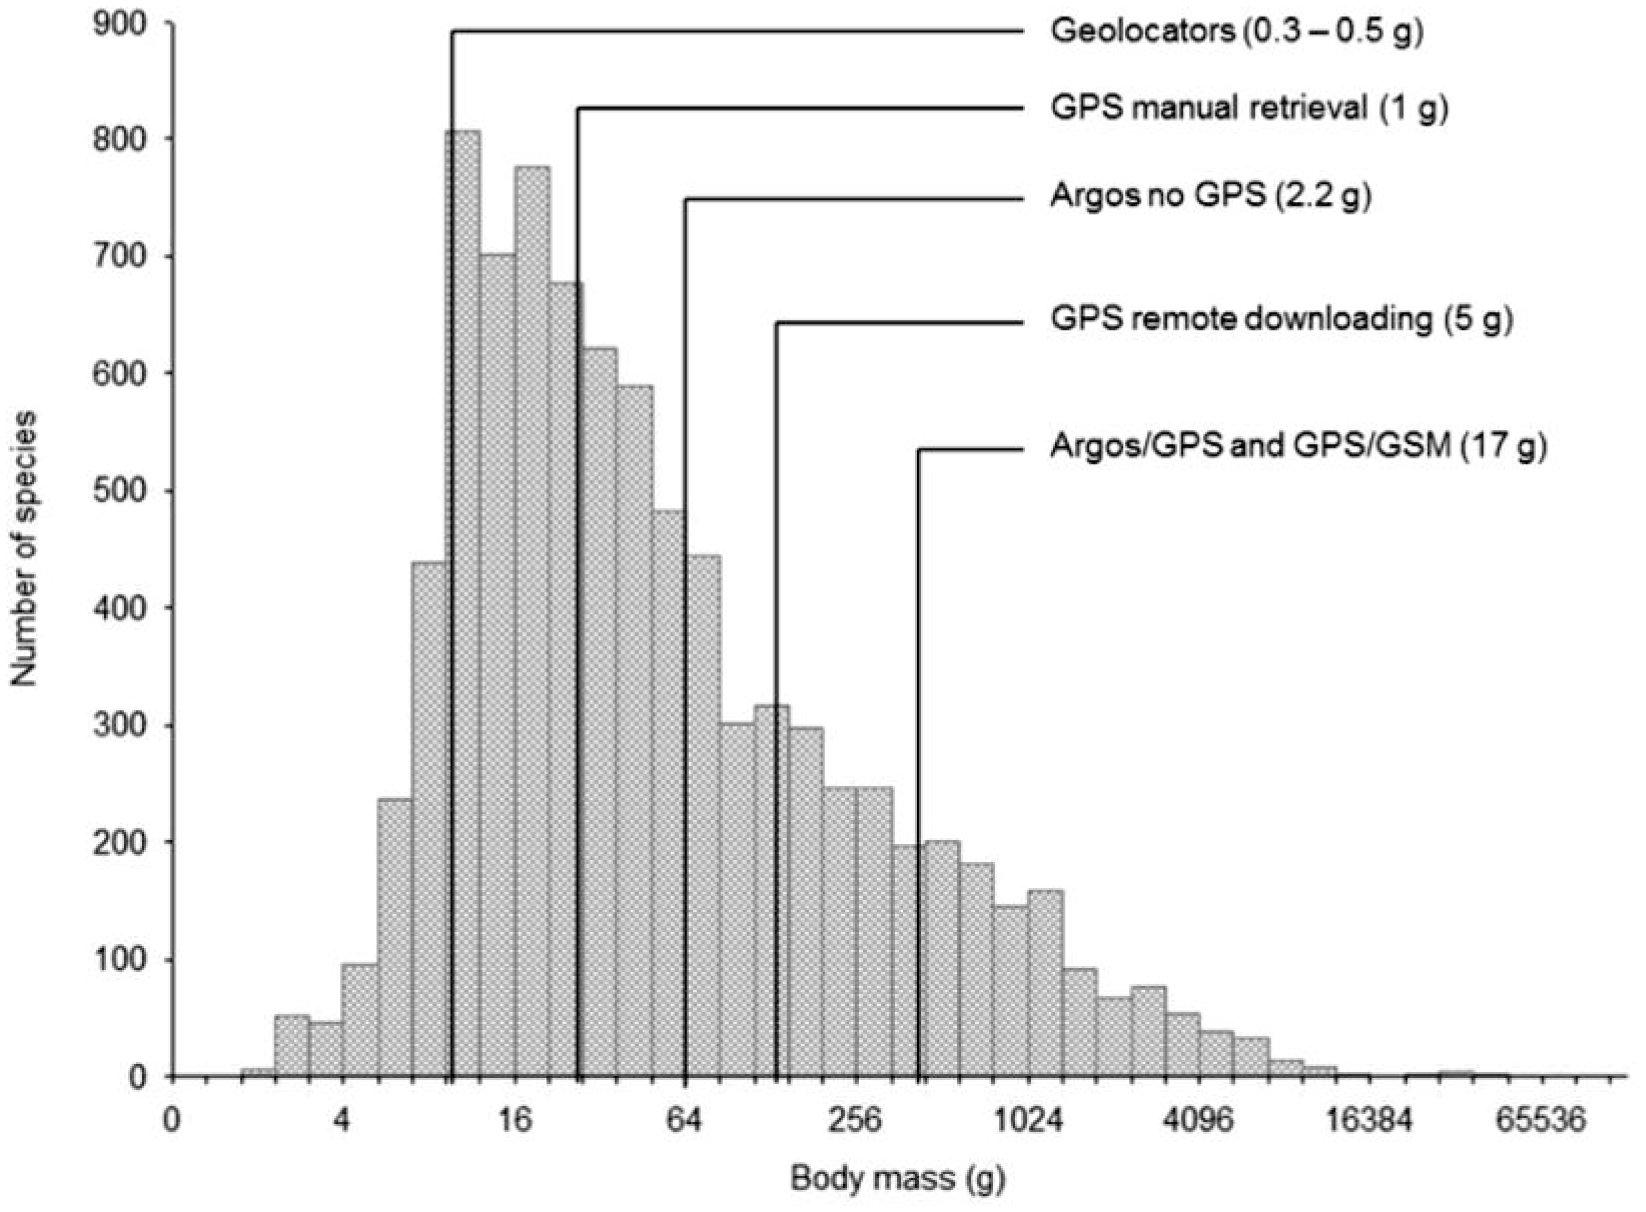 hight resolution of  2011 y kays et al 2015 n tese que la masa corporal g en el eje x se muestra en escala log2 el peso corporal de 8 654 especies de aves fue obtenido